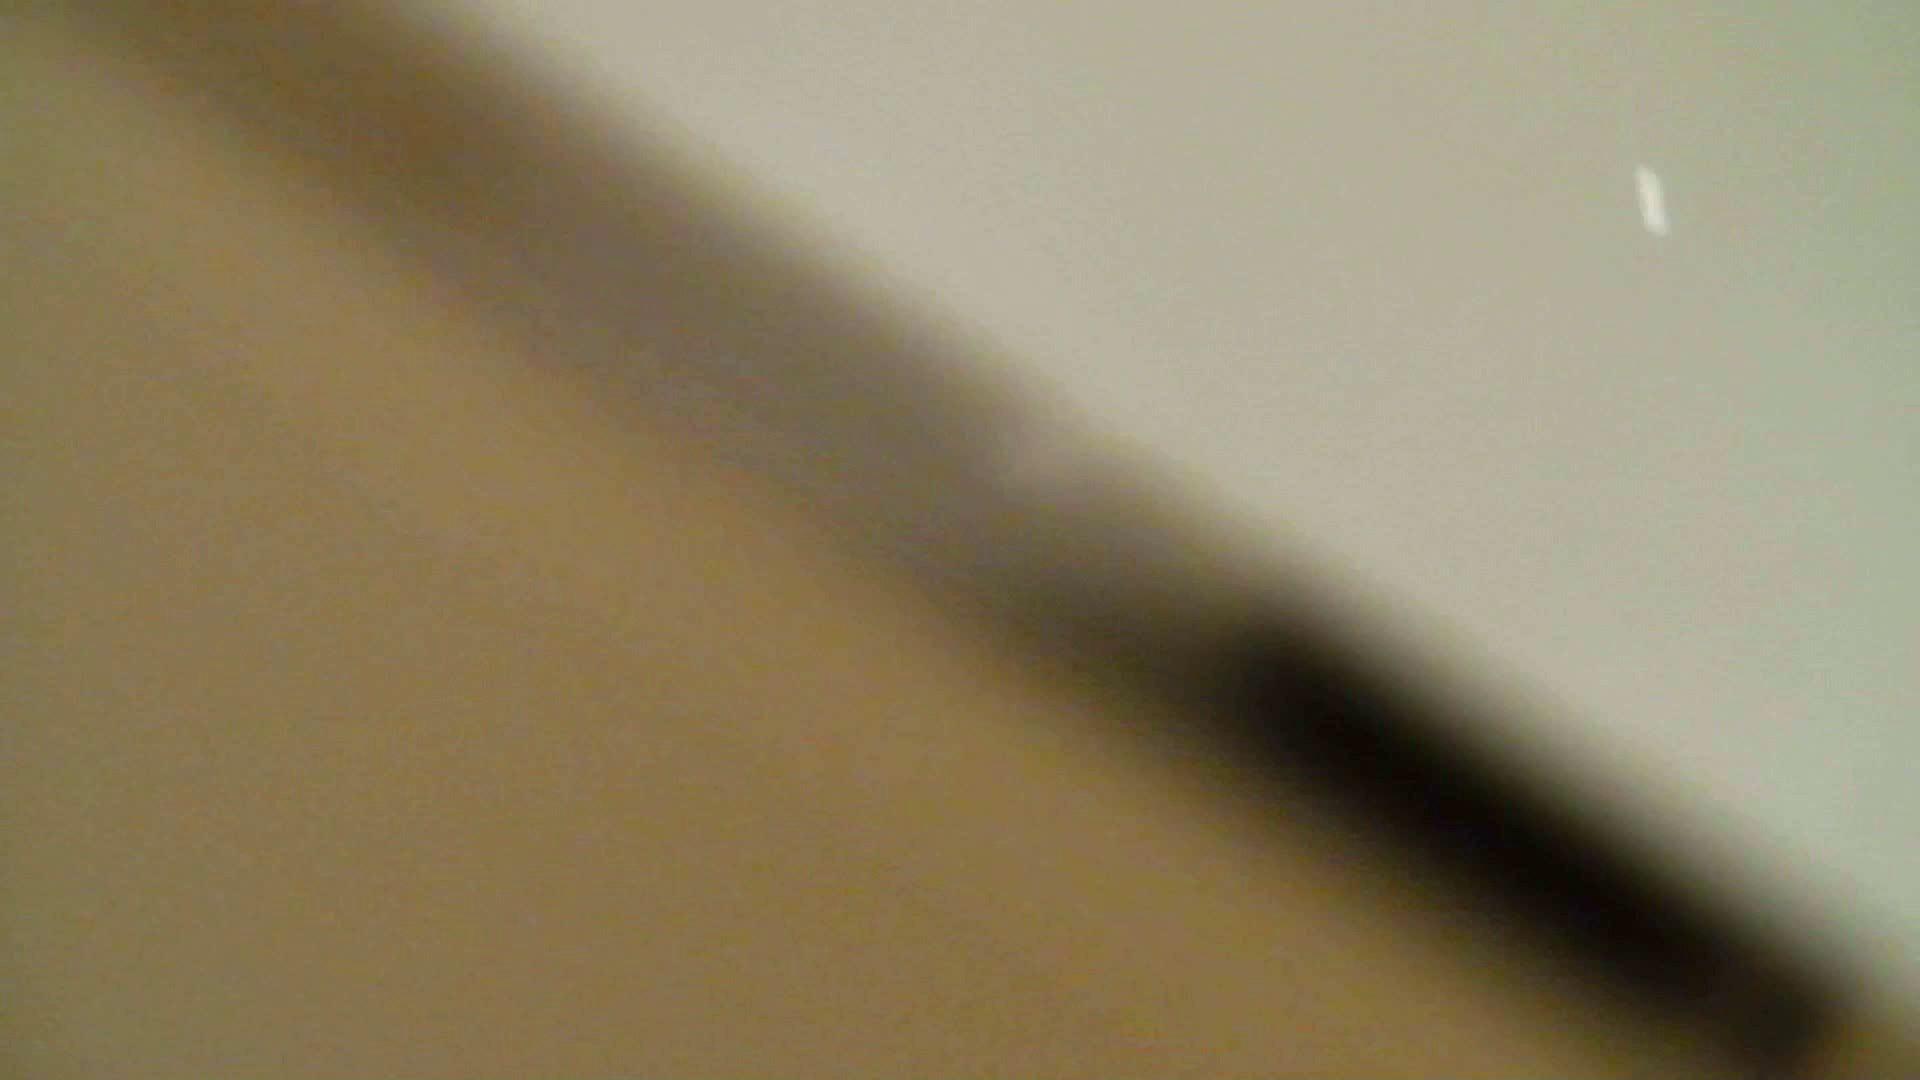 洗寿観音さんの 化粧室は四面楚歌Nol.5 洗面所   エッチなOL  108枚 99